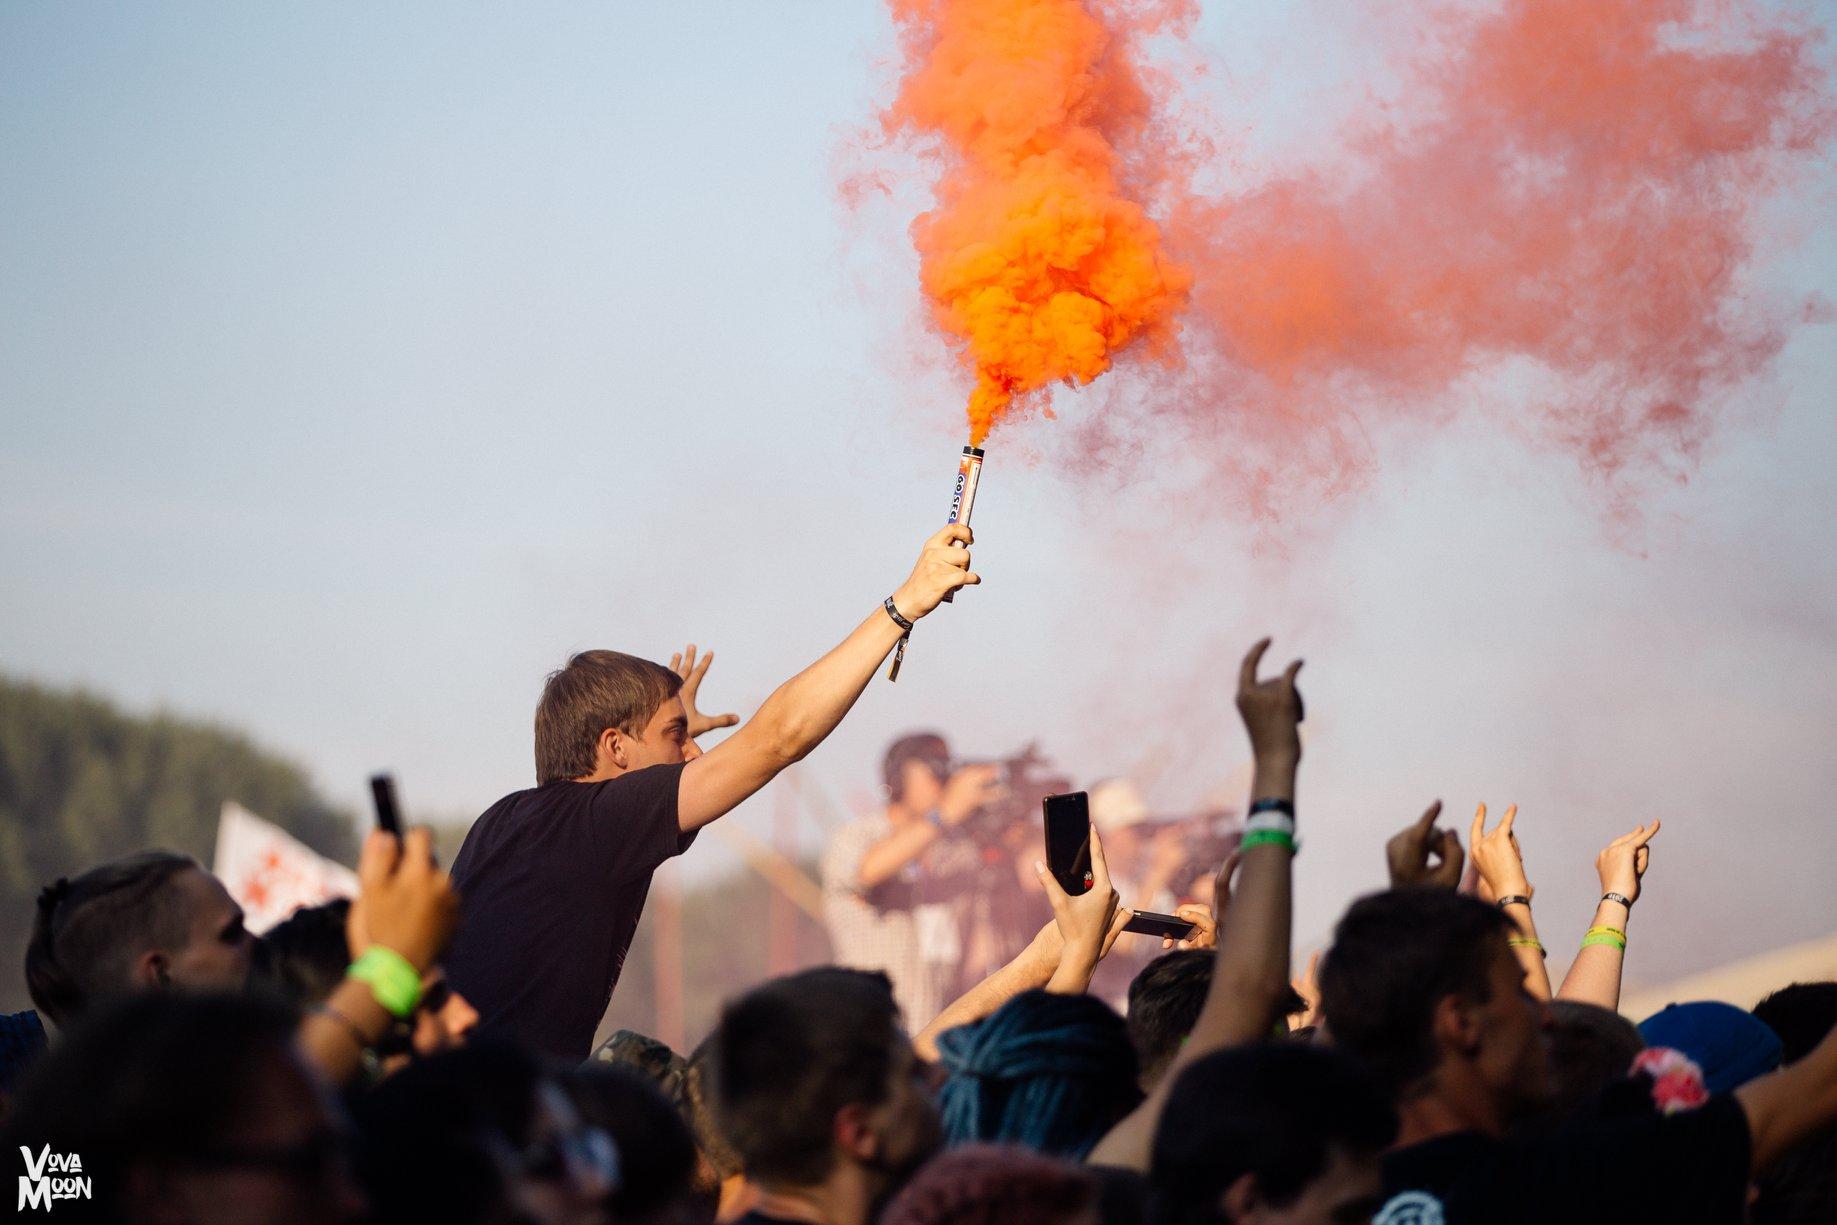 37786581_1059707577521582_2875063962779516928_o Фестиваль — UA MUSIC | Енциклопедія української музики